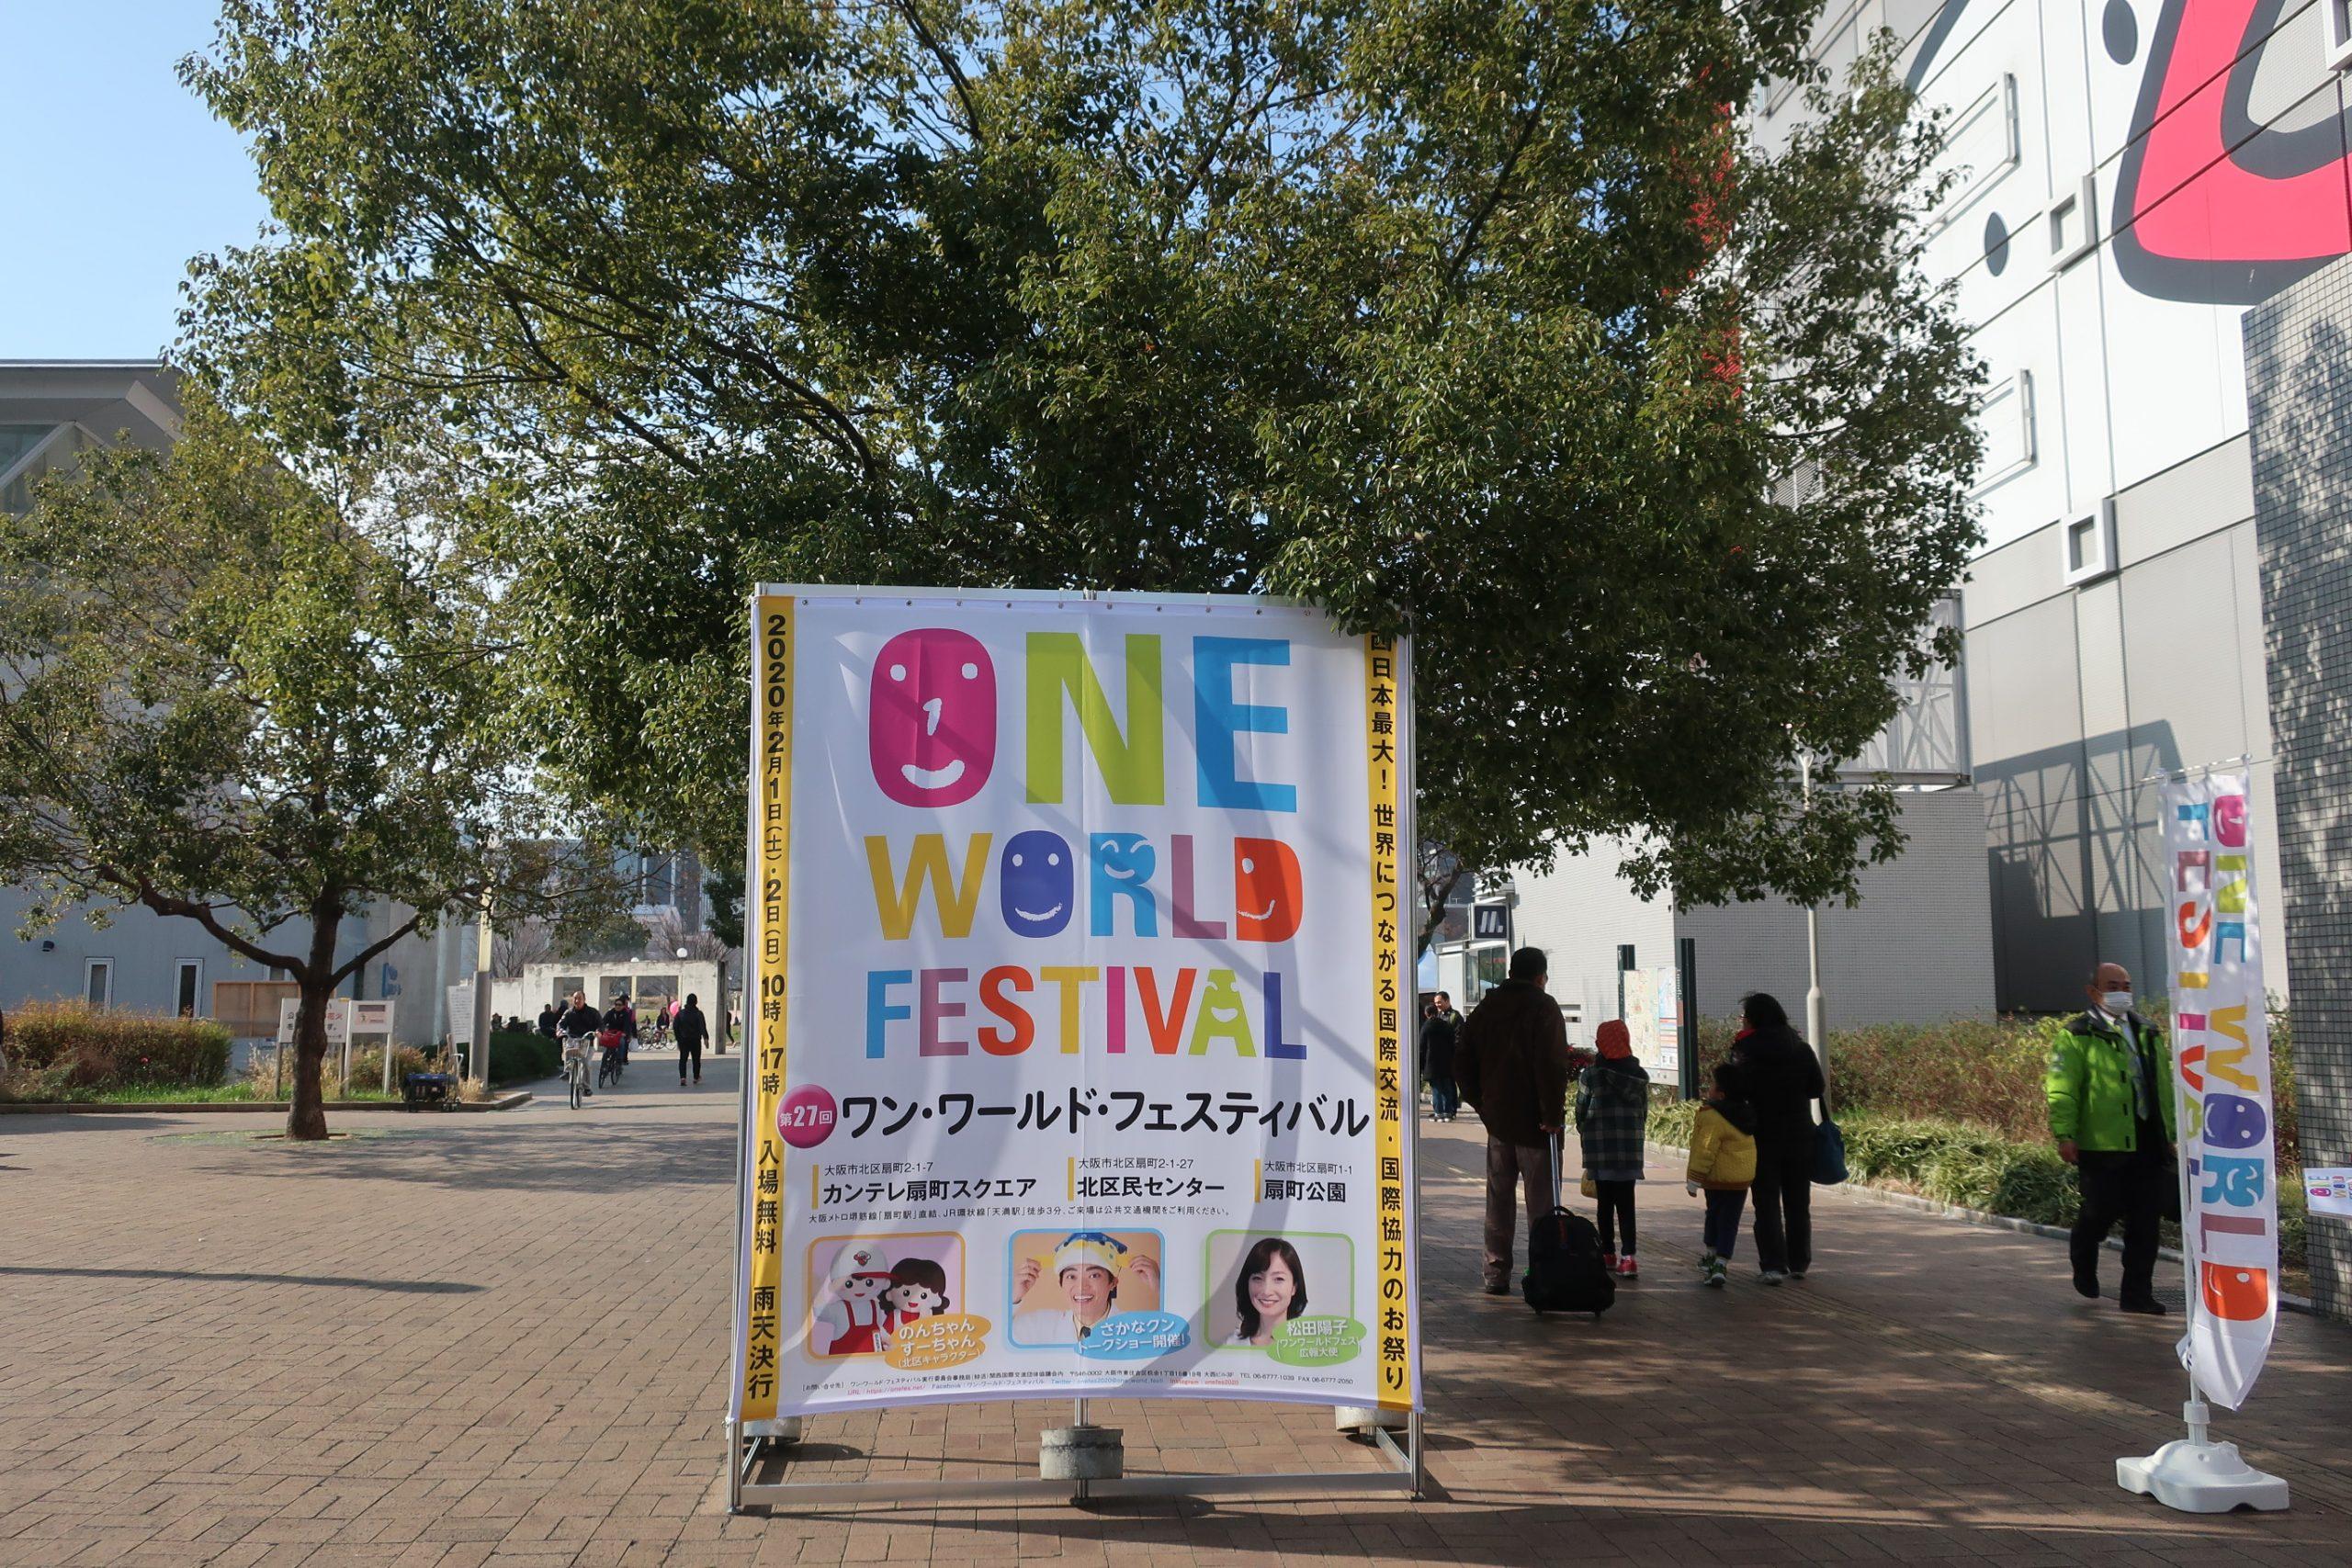 【ギャラリー2020】第27回ワン・ワールド・フェスティバル無事終了いたしました。